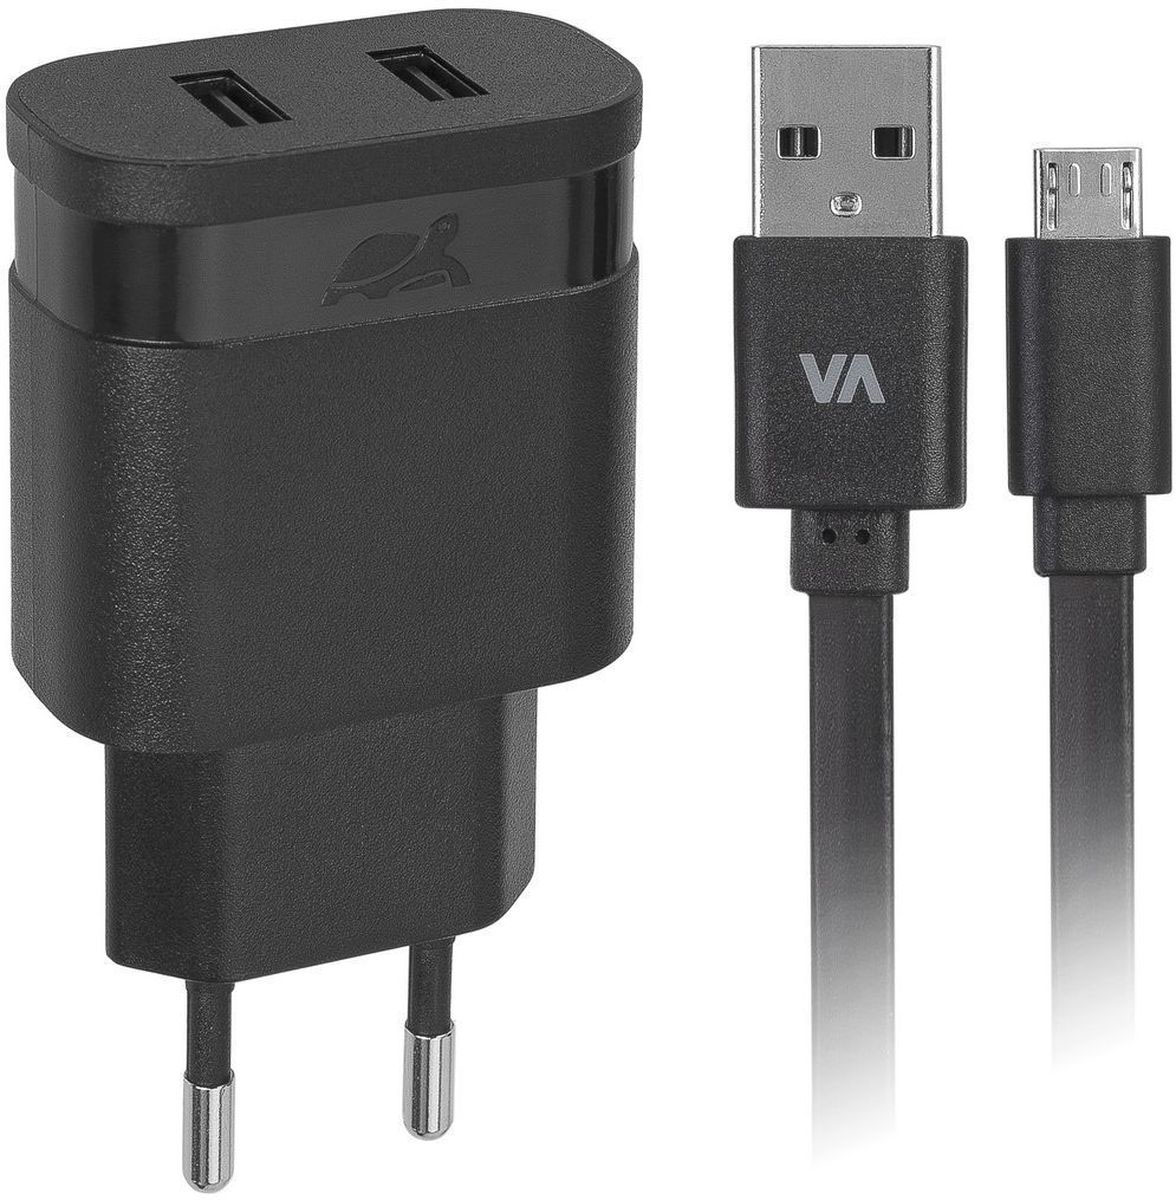 Rivapower VA4122 BD1, Black сетевое зарядное устройствоVA4122 BD1Универсальное сетевое зарядное устройство Rivapower VA4122 BD1 совместимо со всеми устройствами, использующими USB порт для зарядки своих аккумуляторов. Позволяет заряжать 2 устройства одновременно, занимая всего одну розетку. Высококачественные компоненты, встроенные фильтры, защита от скачков напряжения, защита от перегрузки, перегрева и короткого замыкания делают процесс зарядки быстрым, эффективным и безопасным. Корпус сделан из негорючего пластика, устойчивого к механическим повреждениям.Компактные размеры зарядного устройства позволяют свободно пользоваться соседними розетками и делают его очень удобным в поездках. В комплект входит дата-кабель microUSB длиной 1 метр.